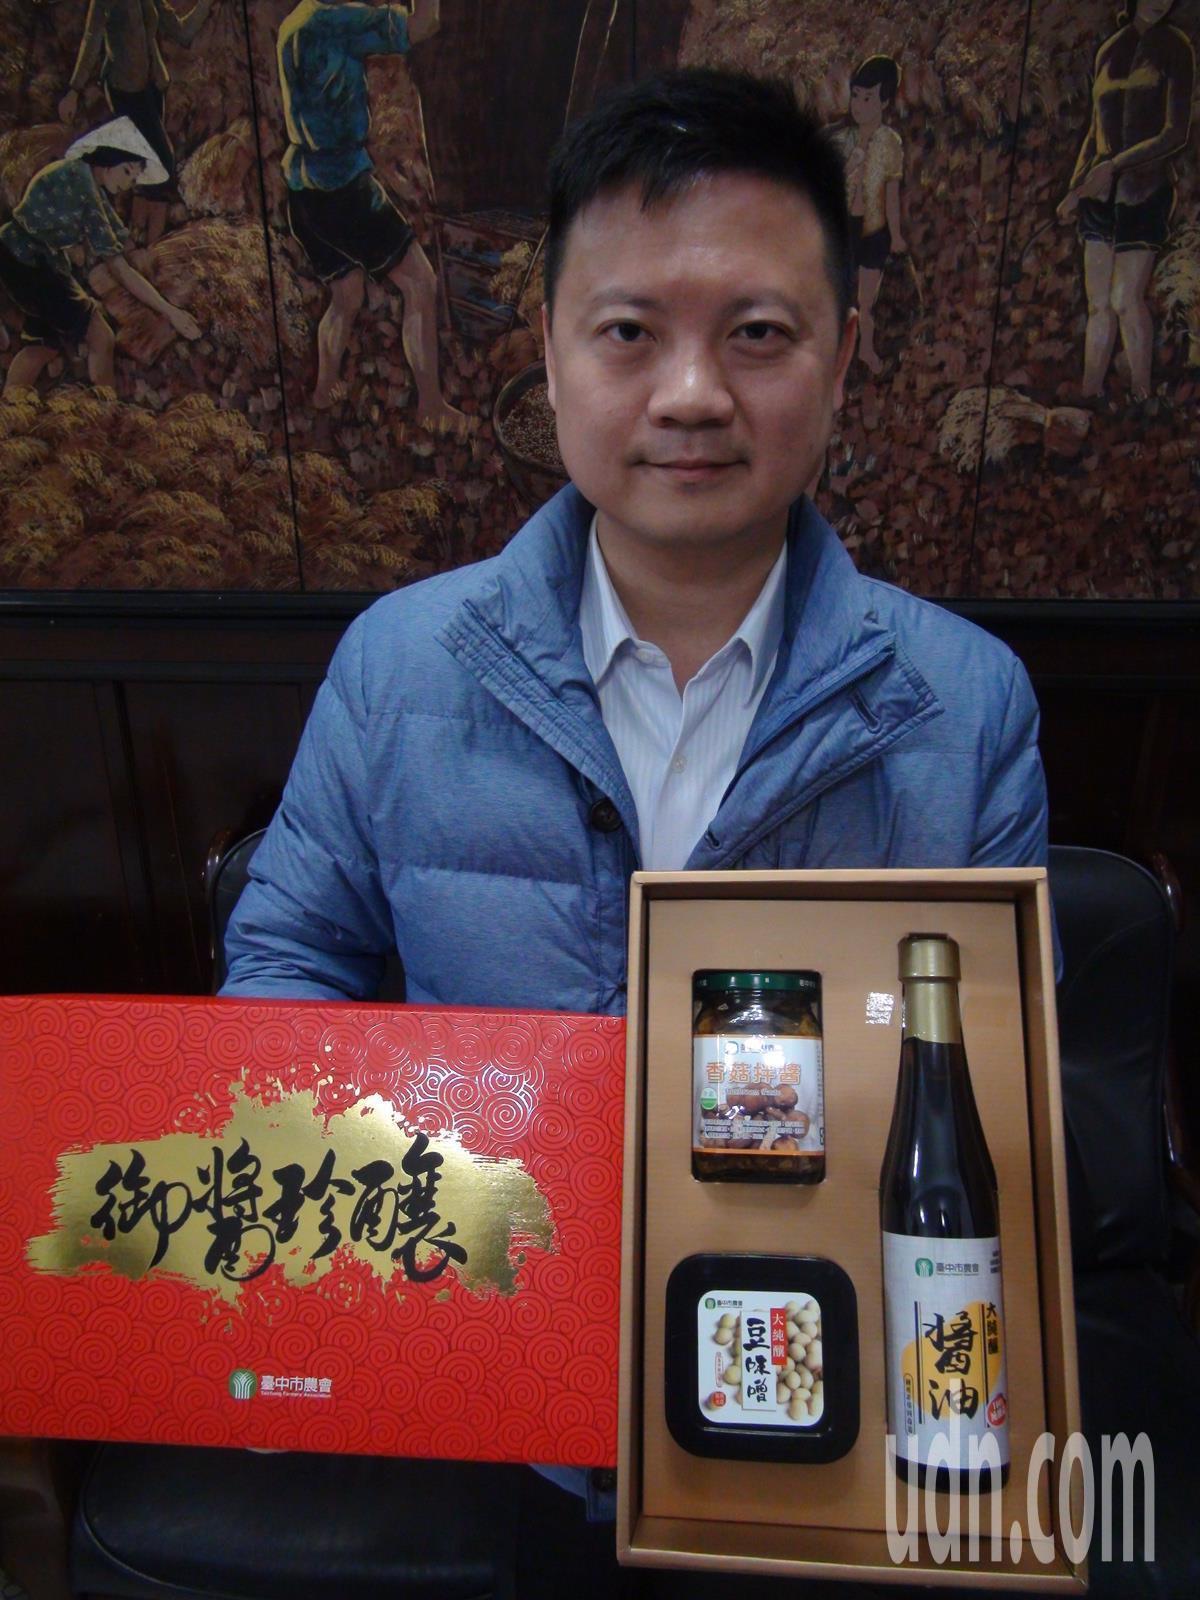 年節將至,台中市農會推出「御醬珍釀」禮盒,限量一千組,開賣數天,已熱銷100組。...